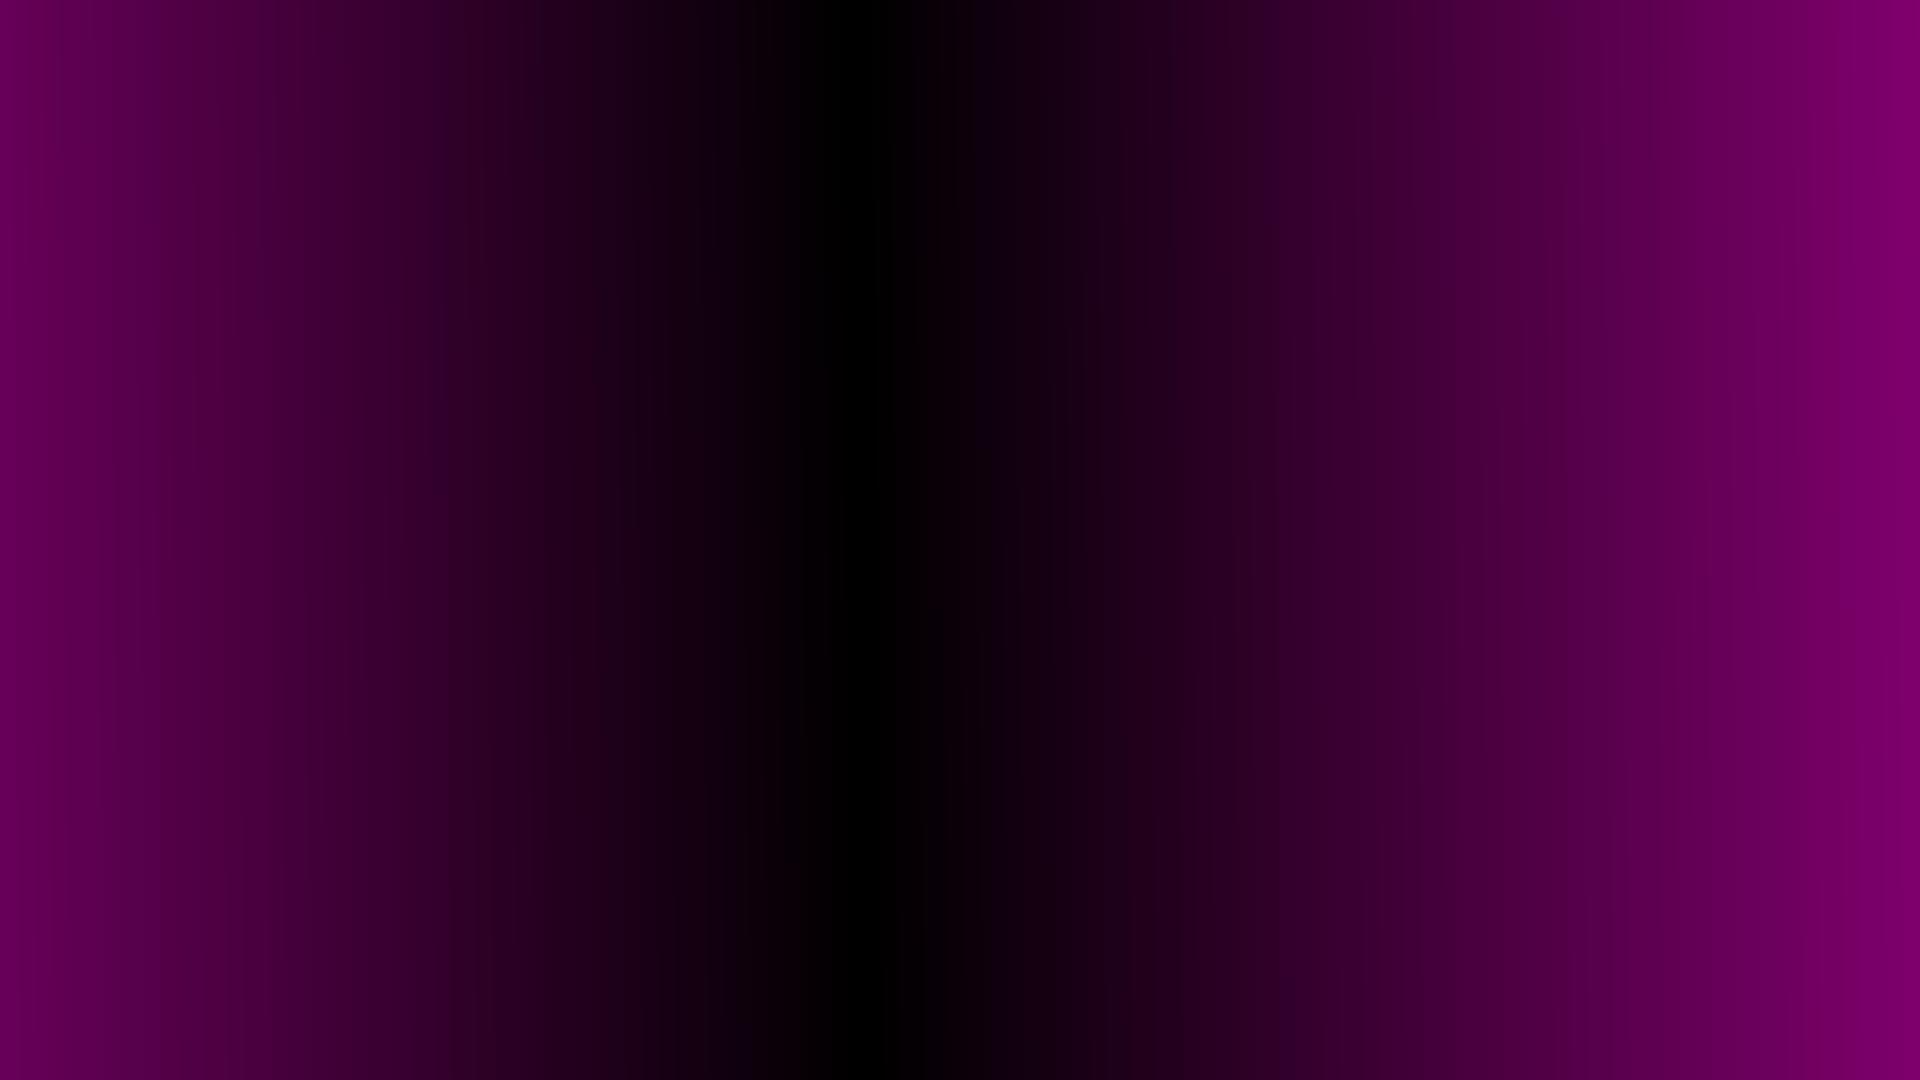 desktop wallpaper gradient pink black desktop 1920x1080 1920x1080